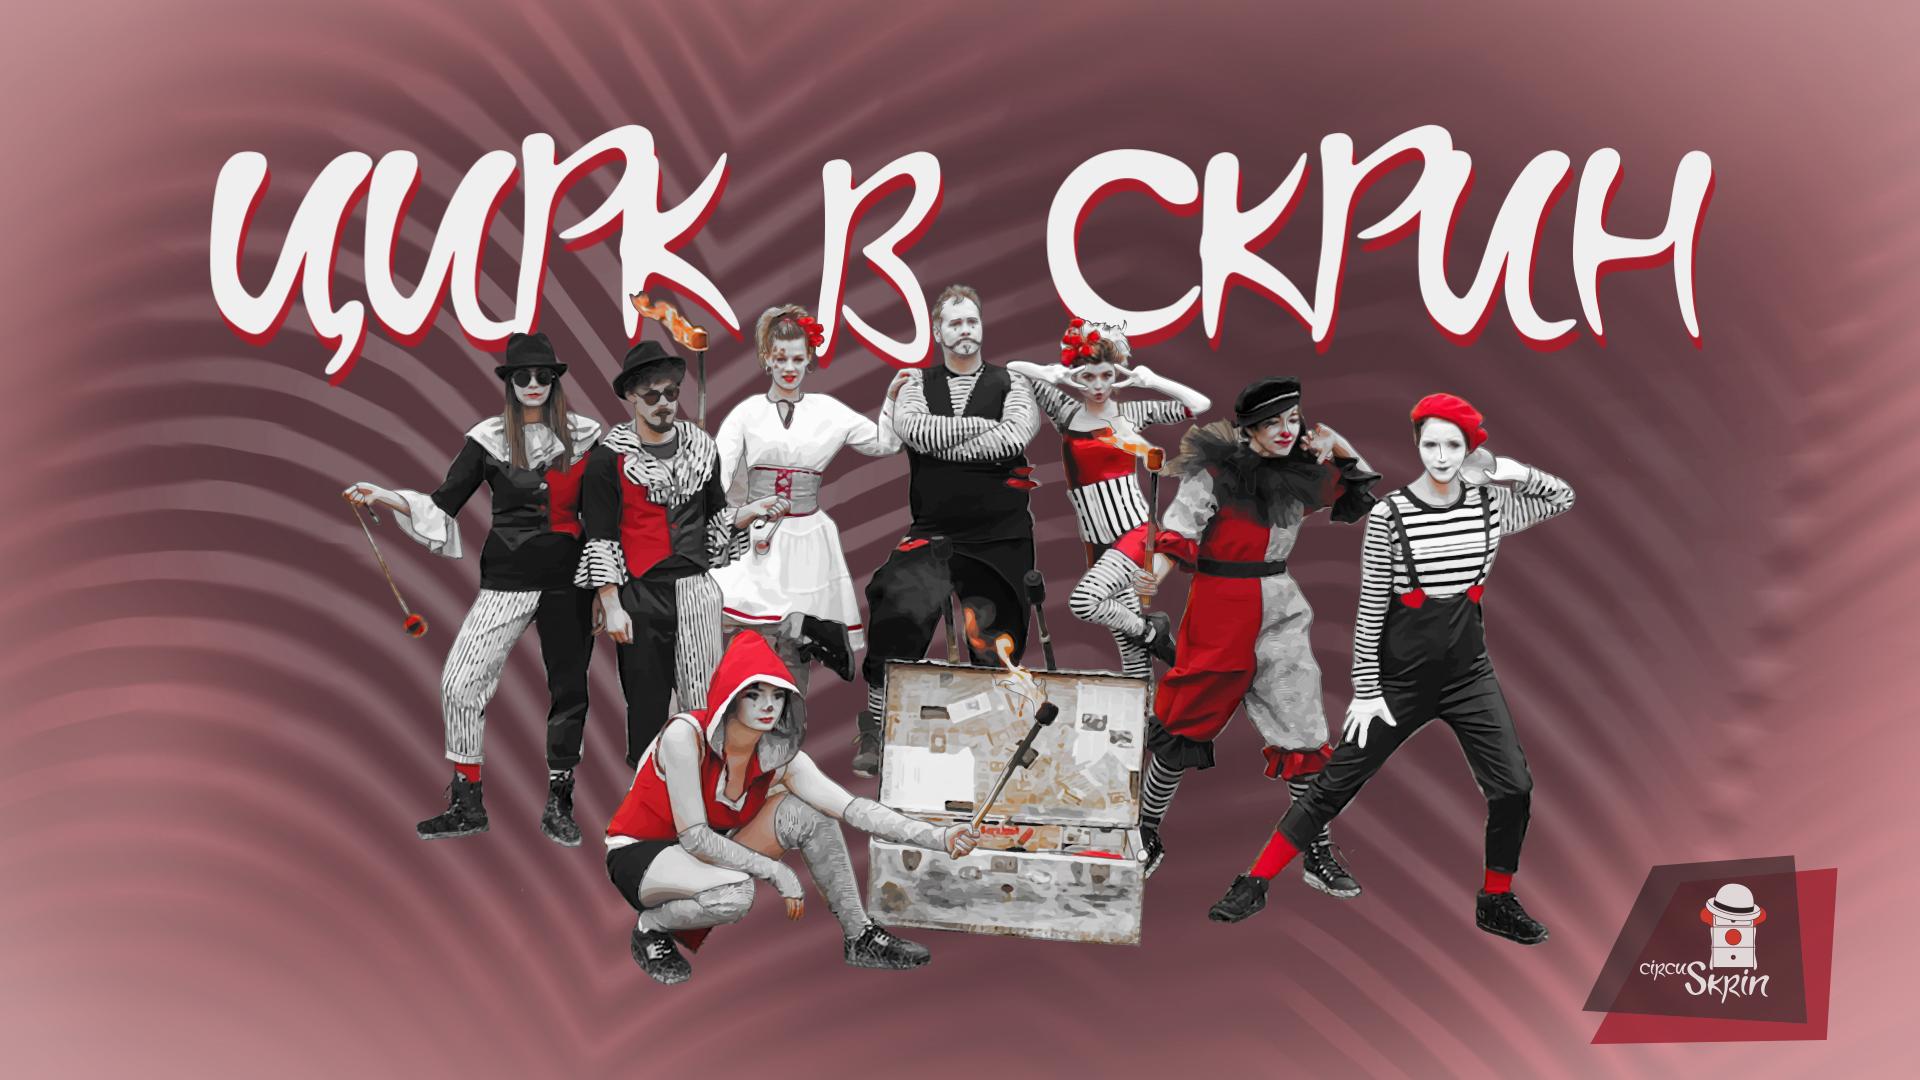 Цирк в СКРИН